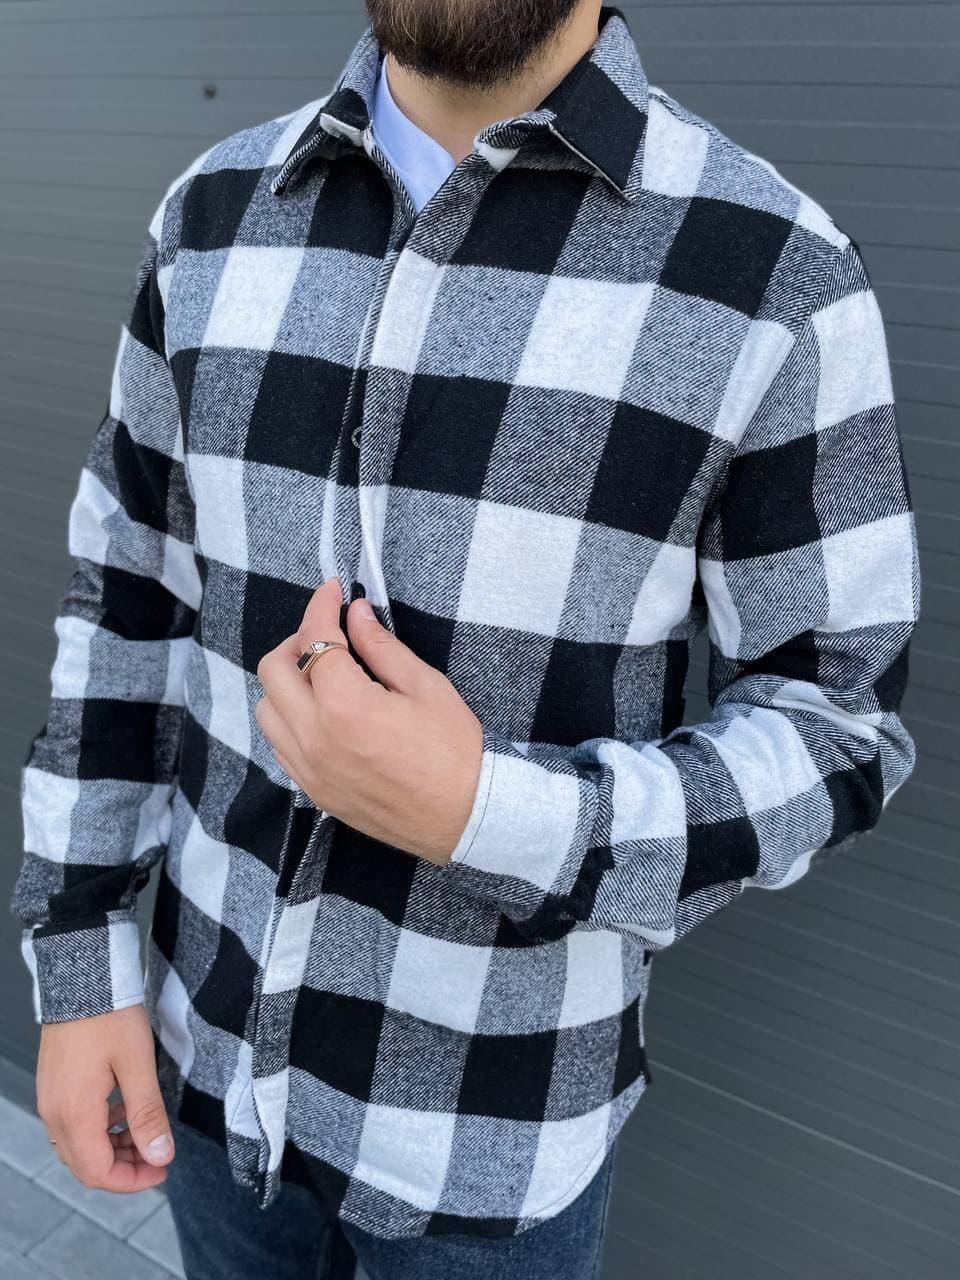 Мужская рубашка байковая теплая (серые) модная в клеточку А4664